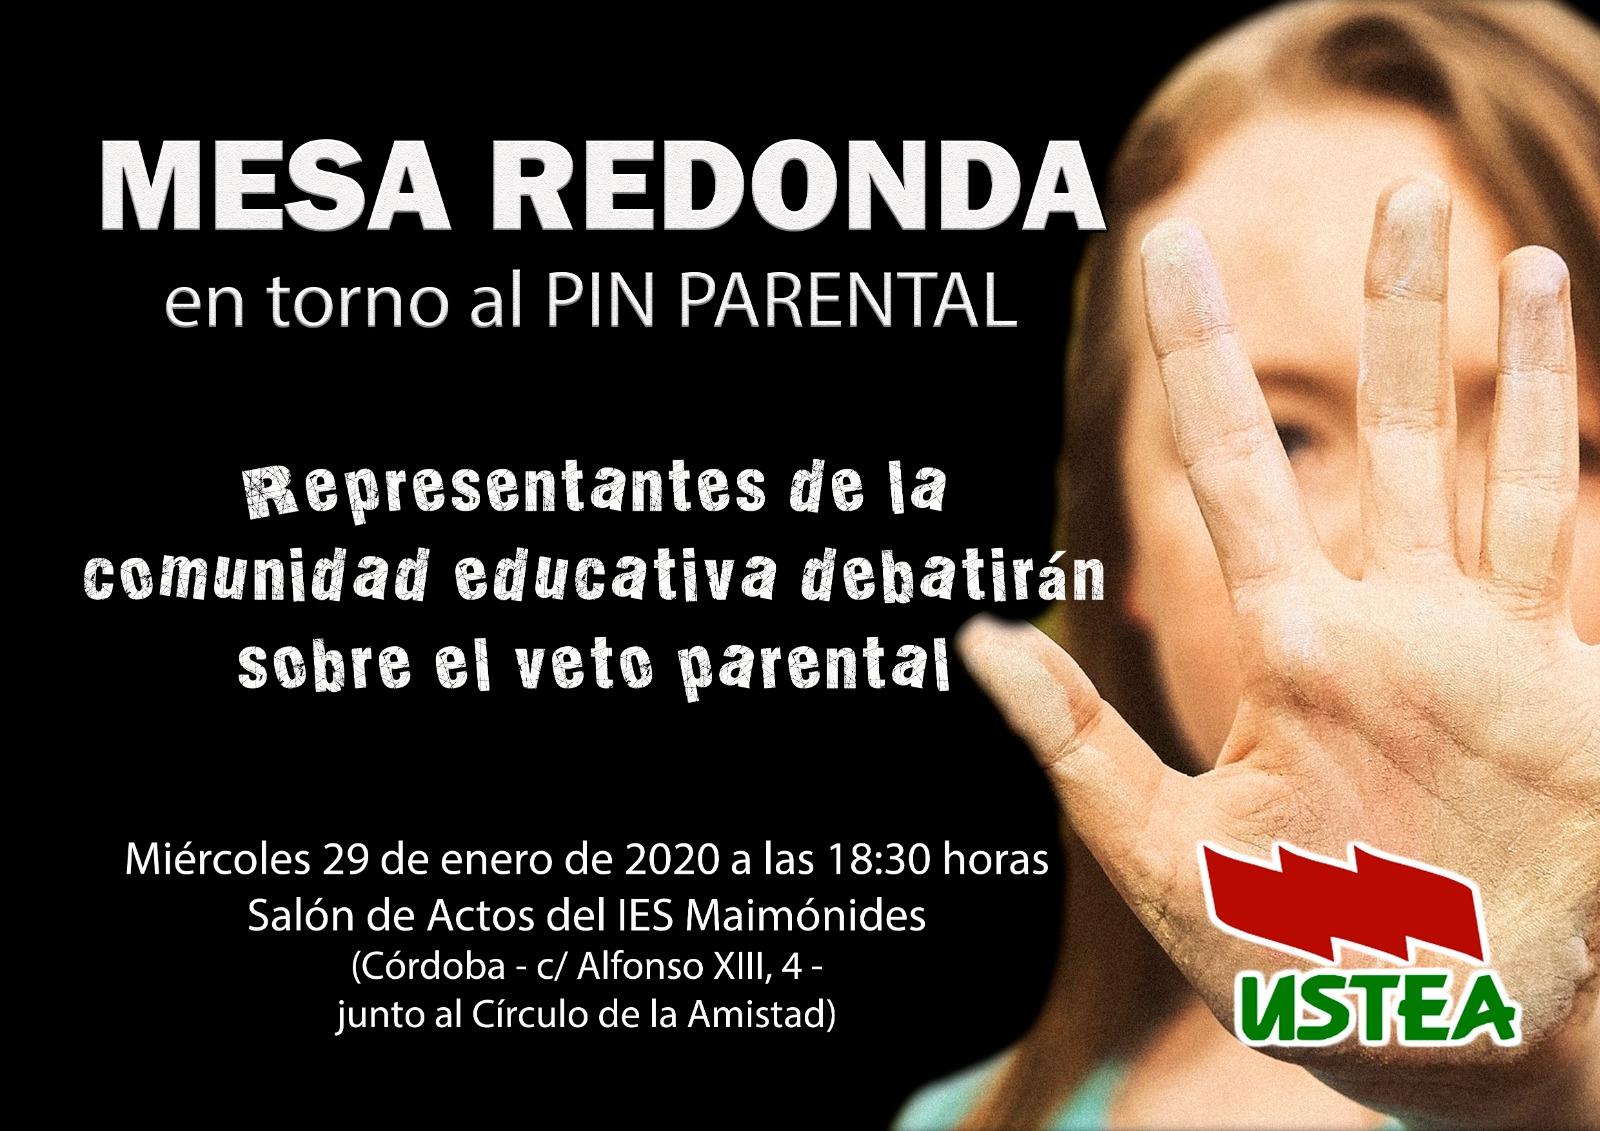 Mesa redonda en torno al PIN parental